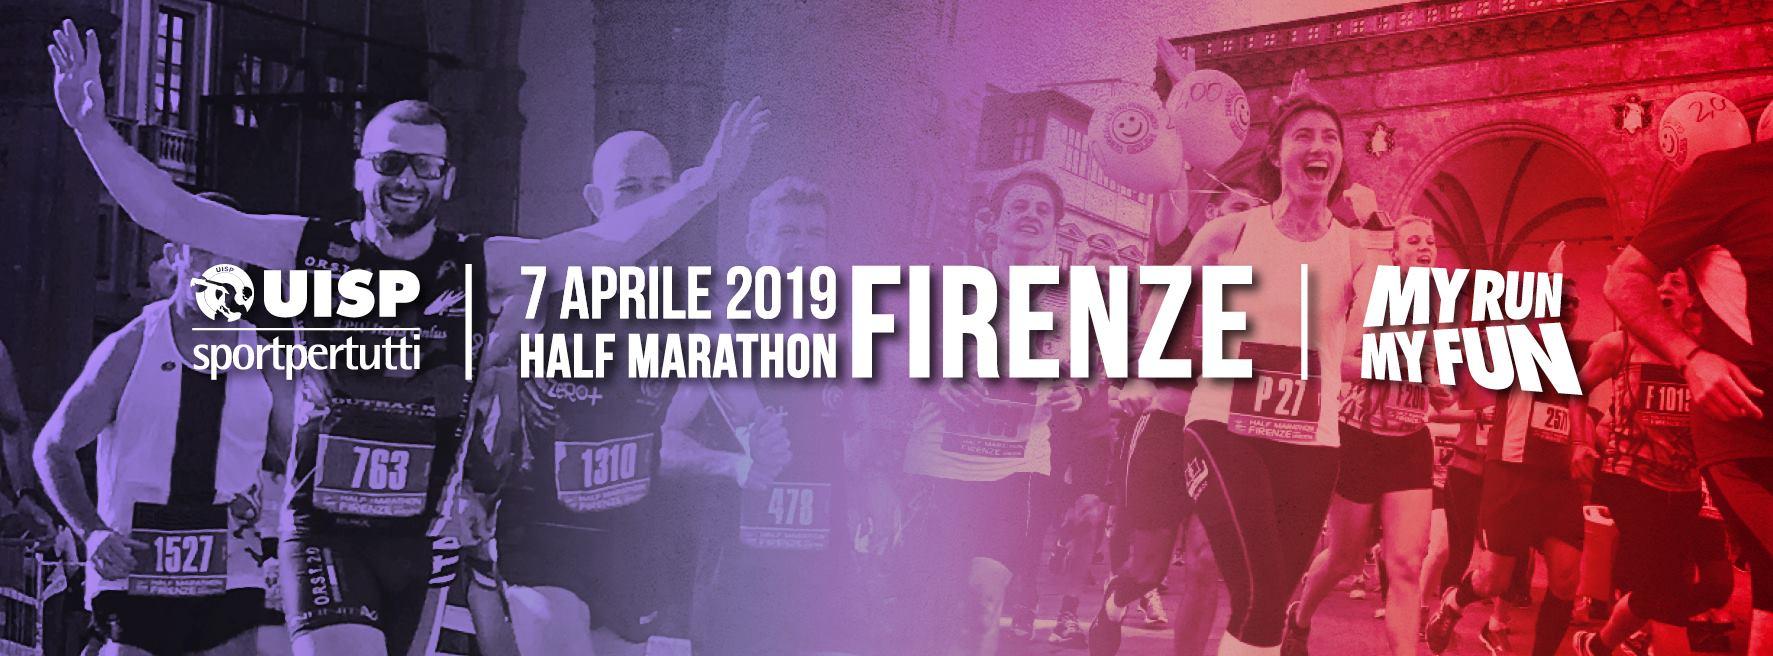 Gs Le Panche Castelquarto.Il 7 Aprile Si Corre La Half Marathon Firenze Con Tante Iniziative